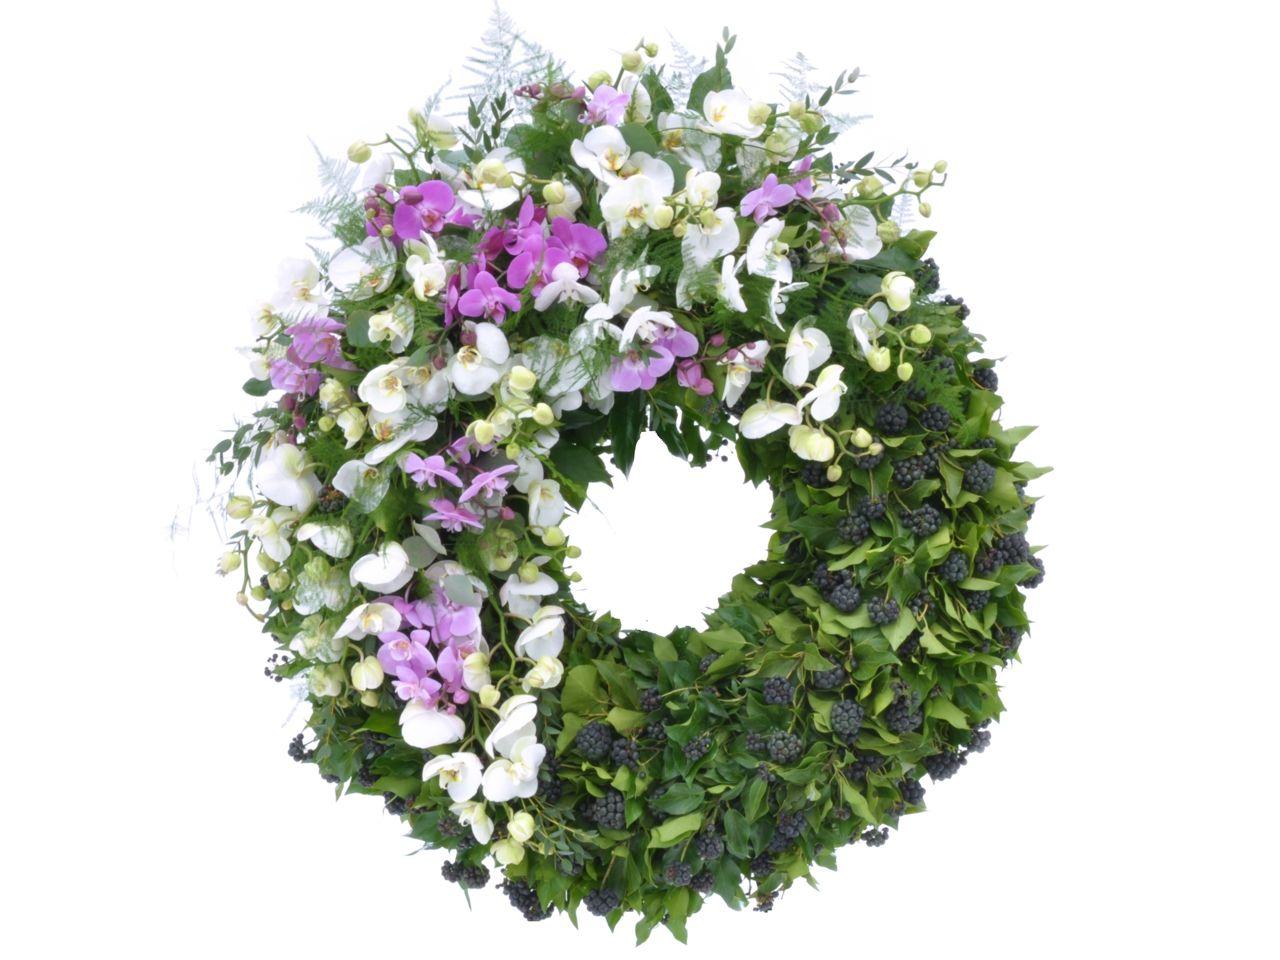 Orchideenkranz weiss und lila  Trauerkranz  Trauerfloristik Blumen und Trauerkranz